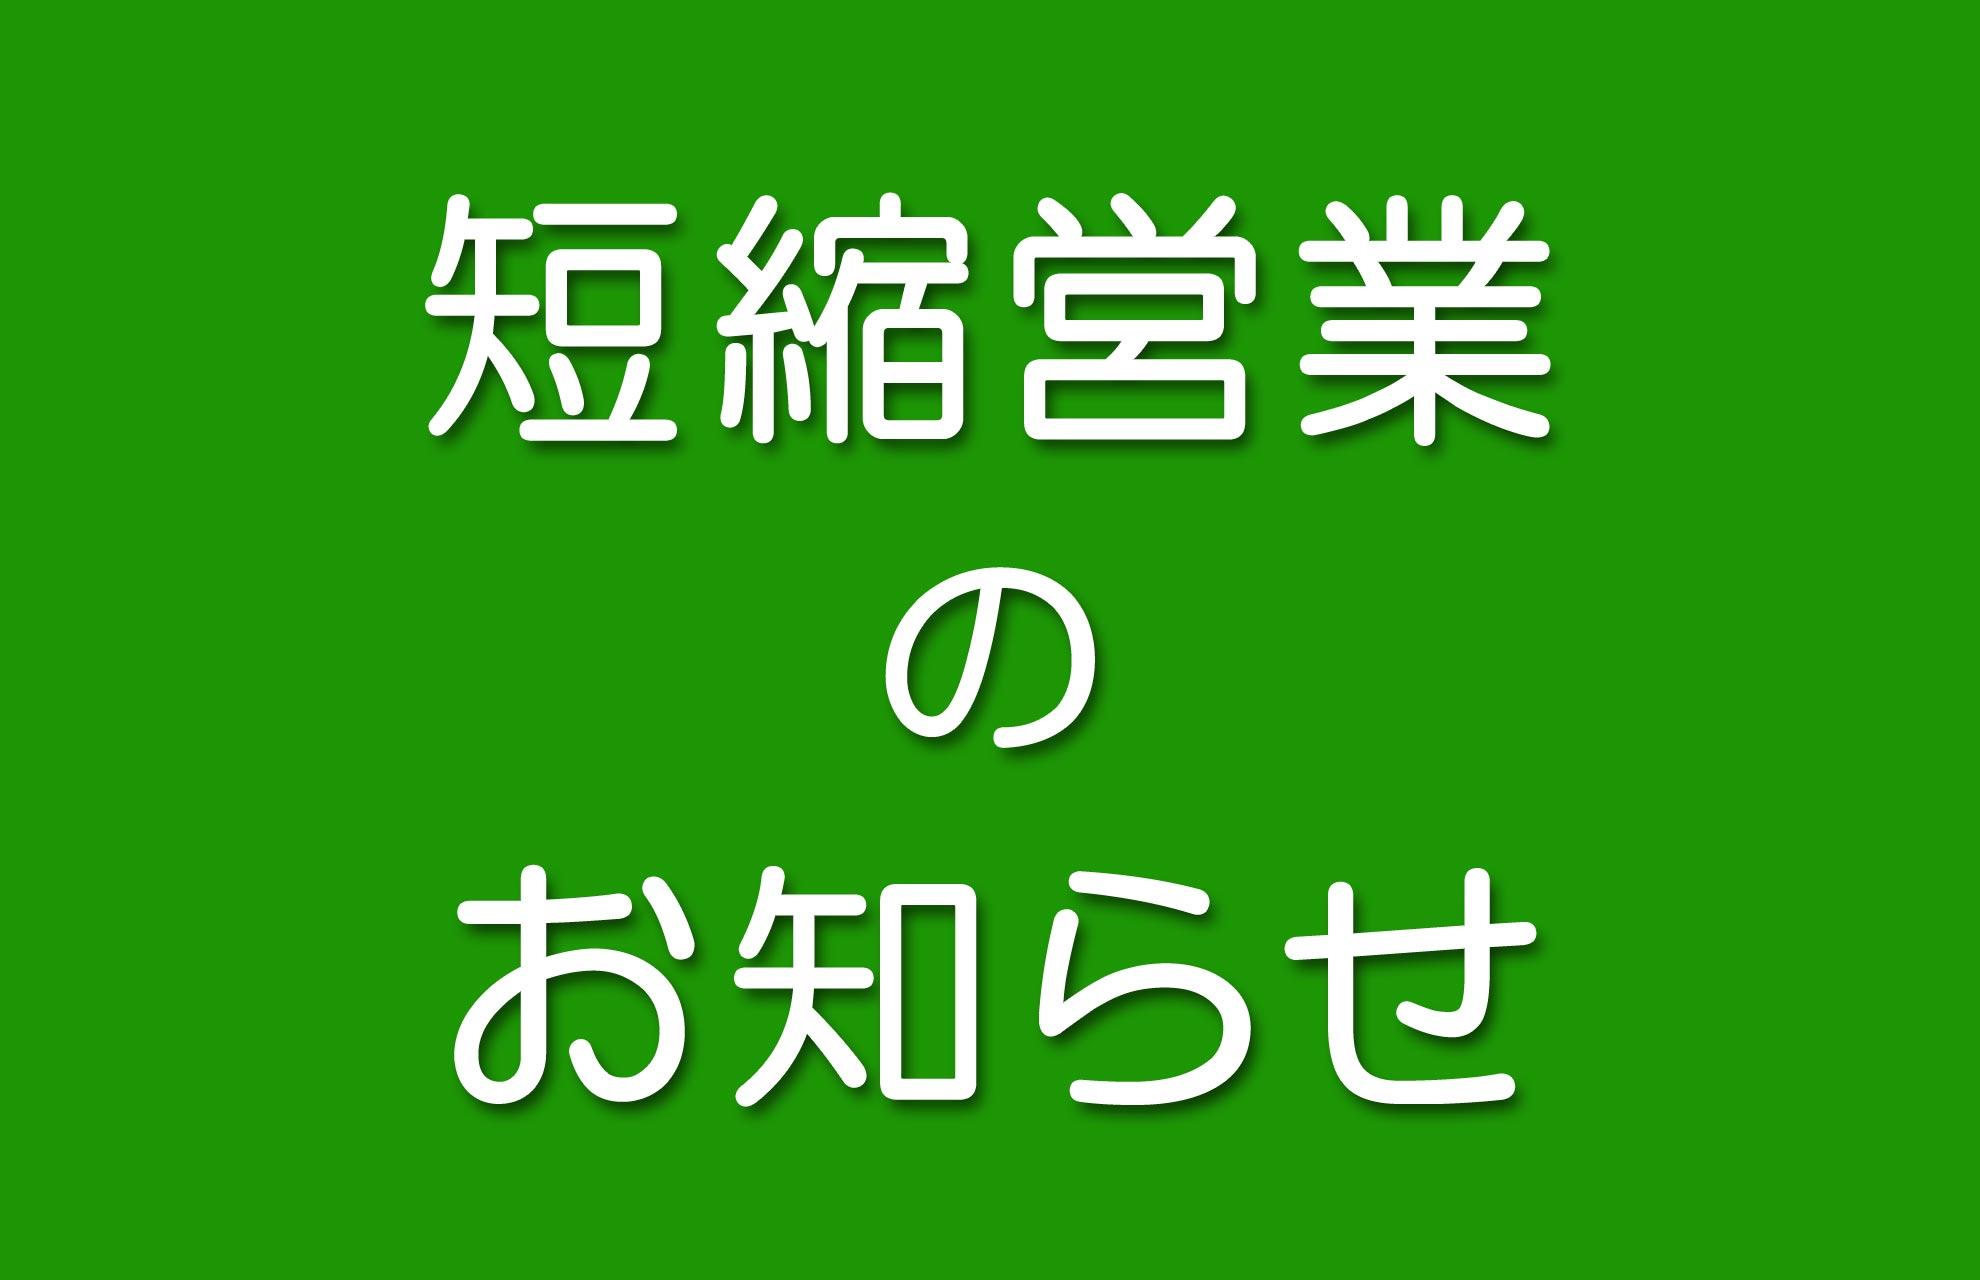 12月12日(土)は10時から16時まで営業しています。